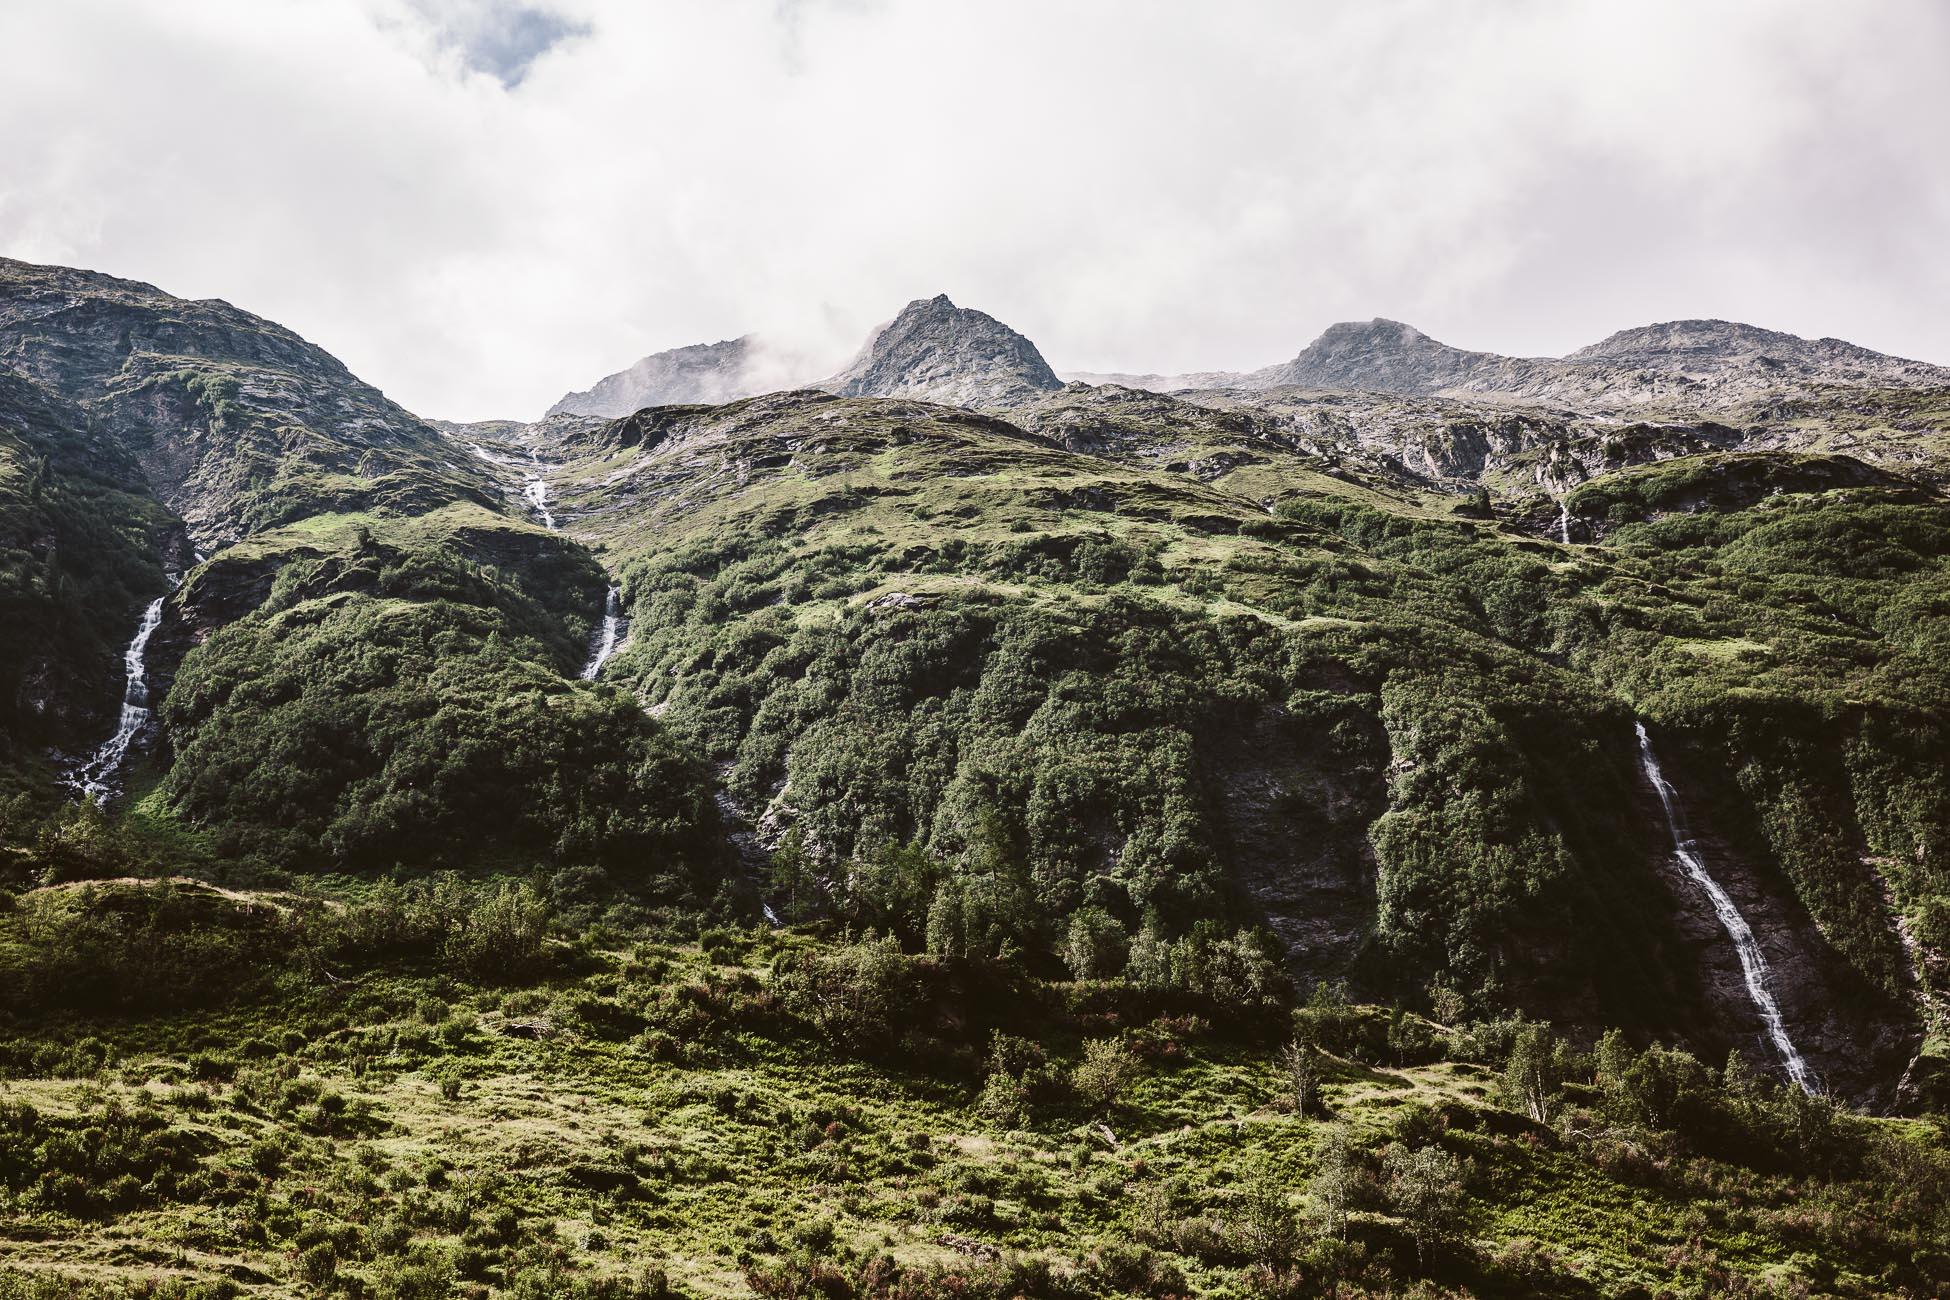 Innergschlöss National Park Hohe Tauern